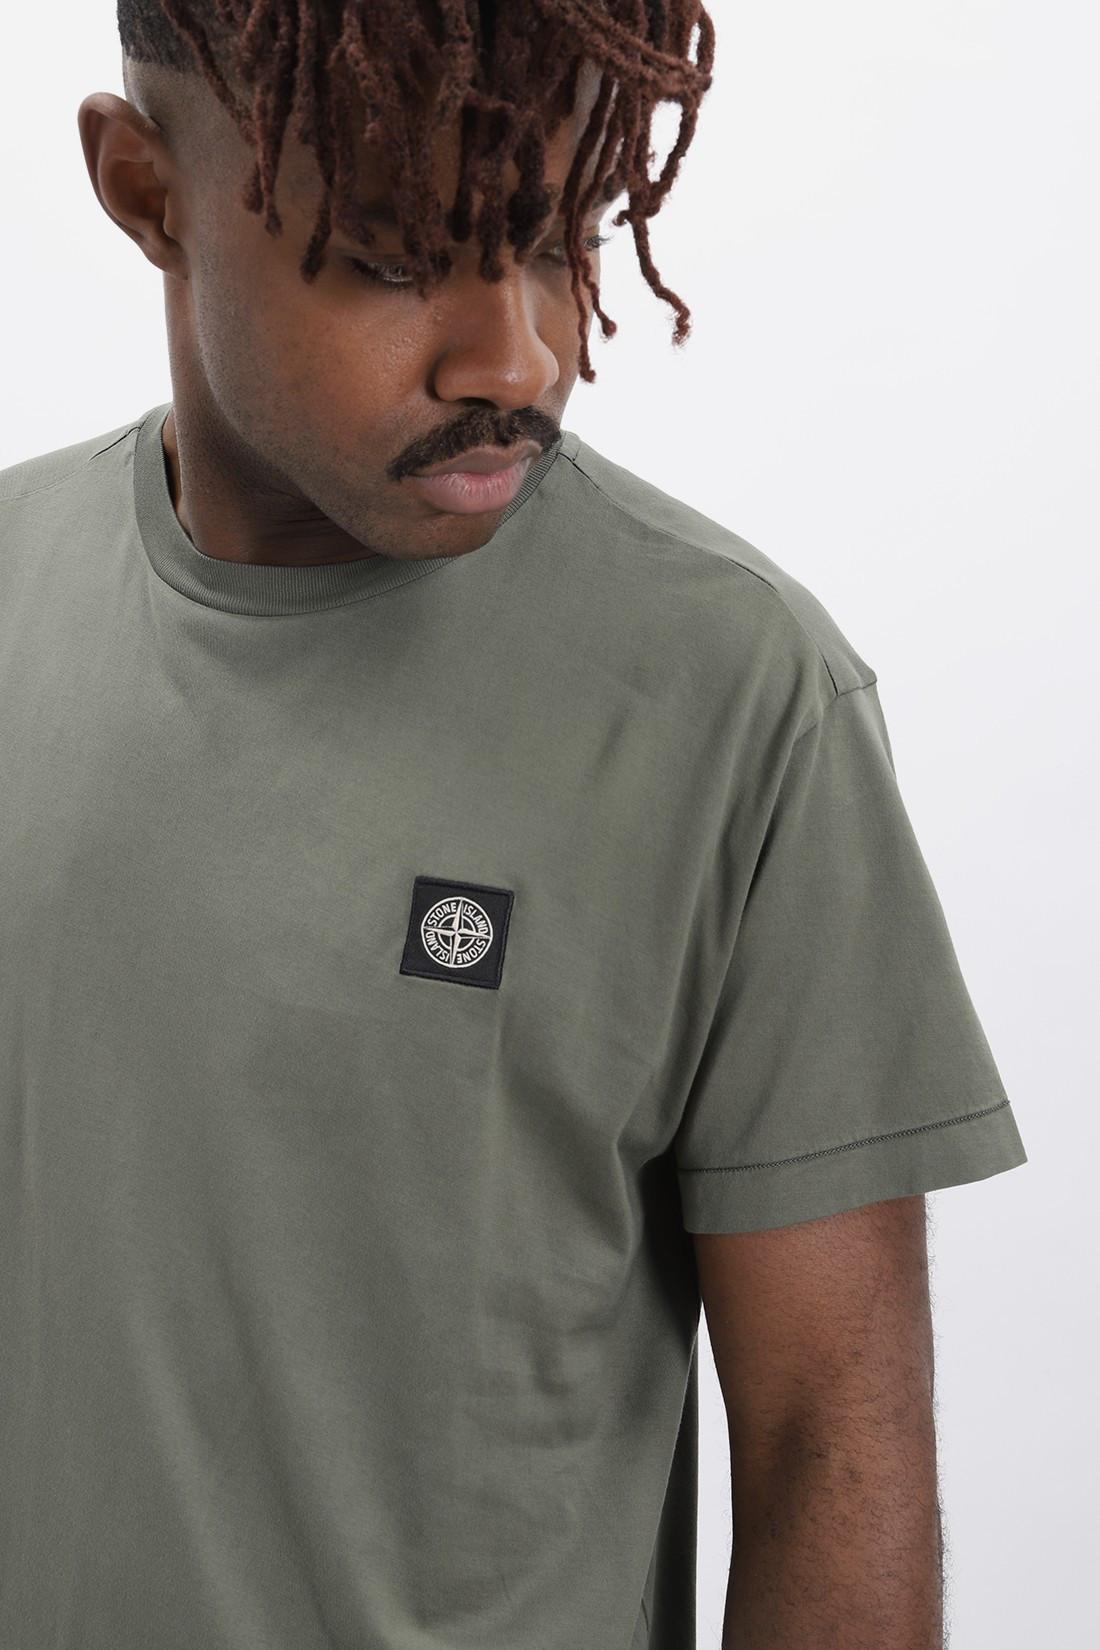 STONE ISLAND / 24113 logo t shirt v0058 Verde oliva